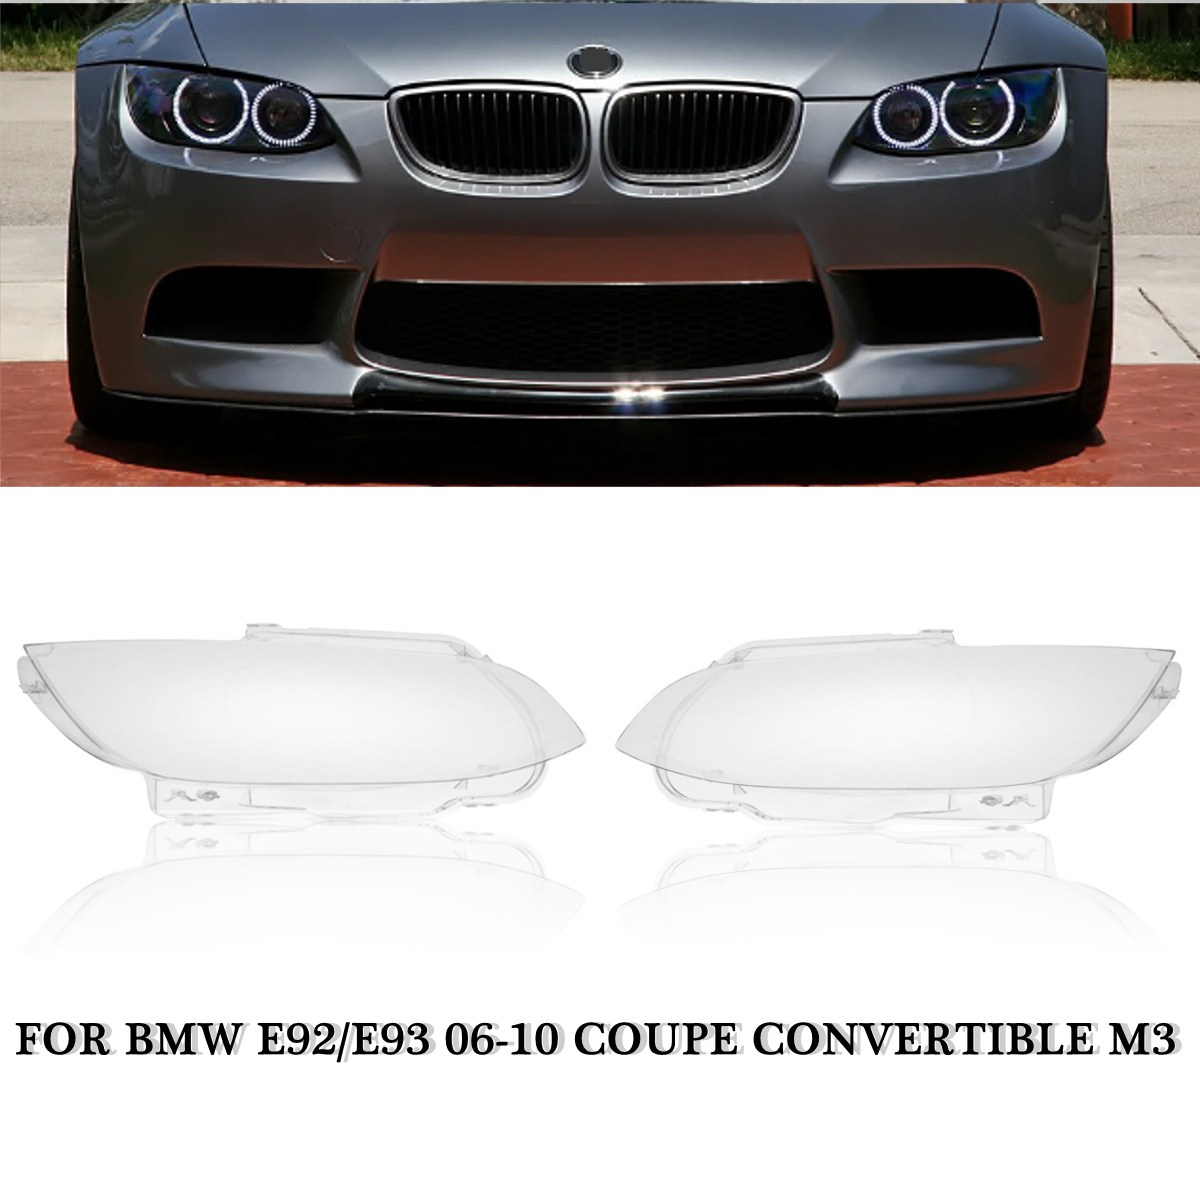 1pc left right car headlight cover headlamp lens cover fit for bmw e92 e93 coupe m3 328i 335i cabrio 2006 2007 2008 2009 2010 [ 1200 x 1200 Pixel ]